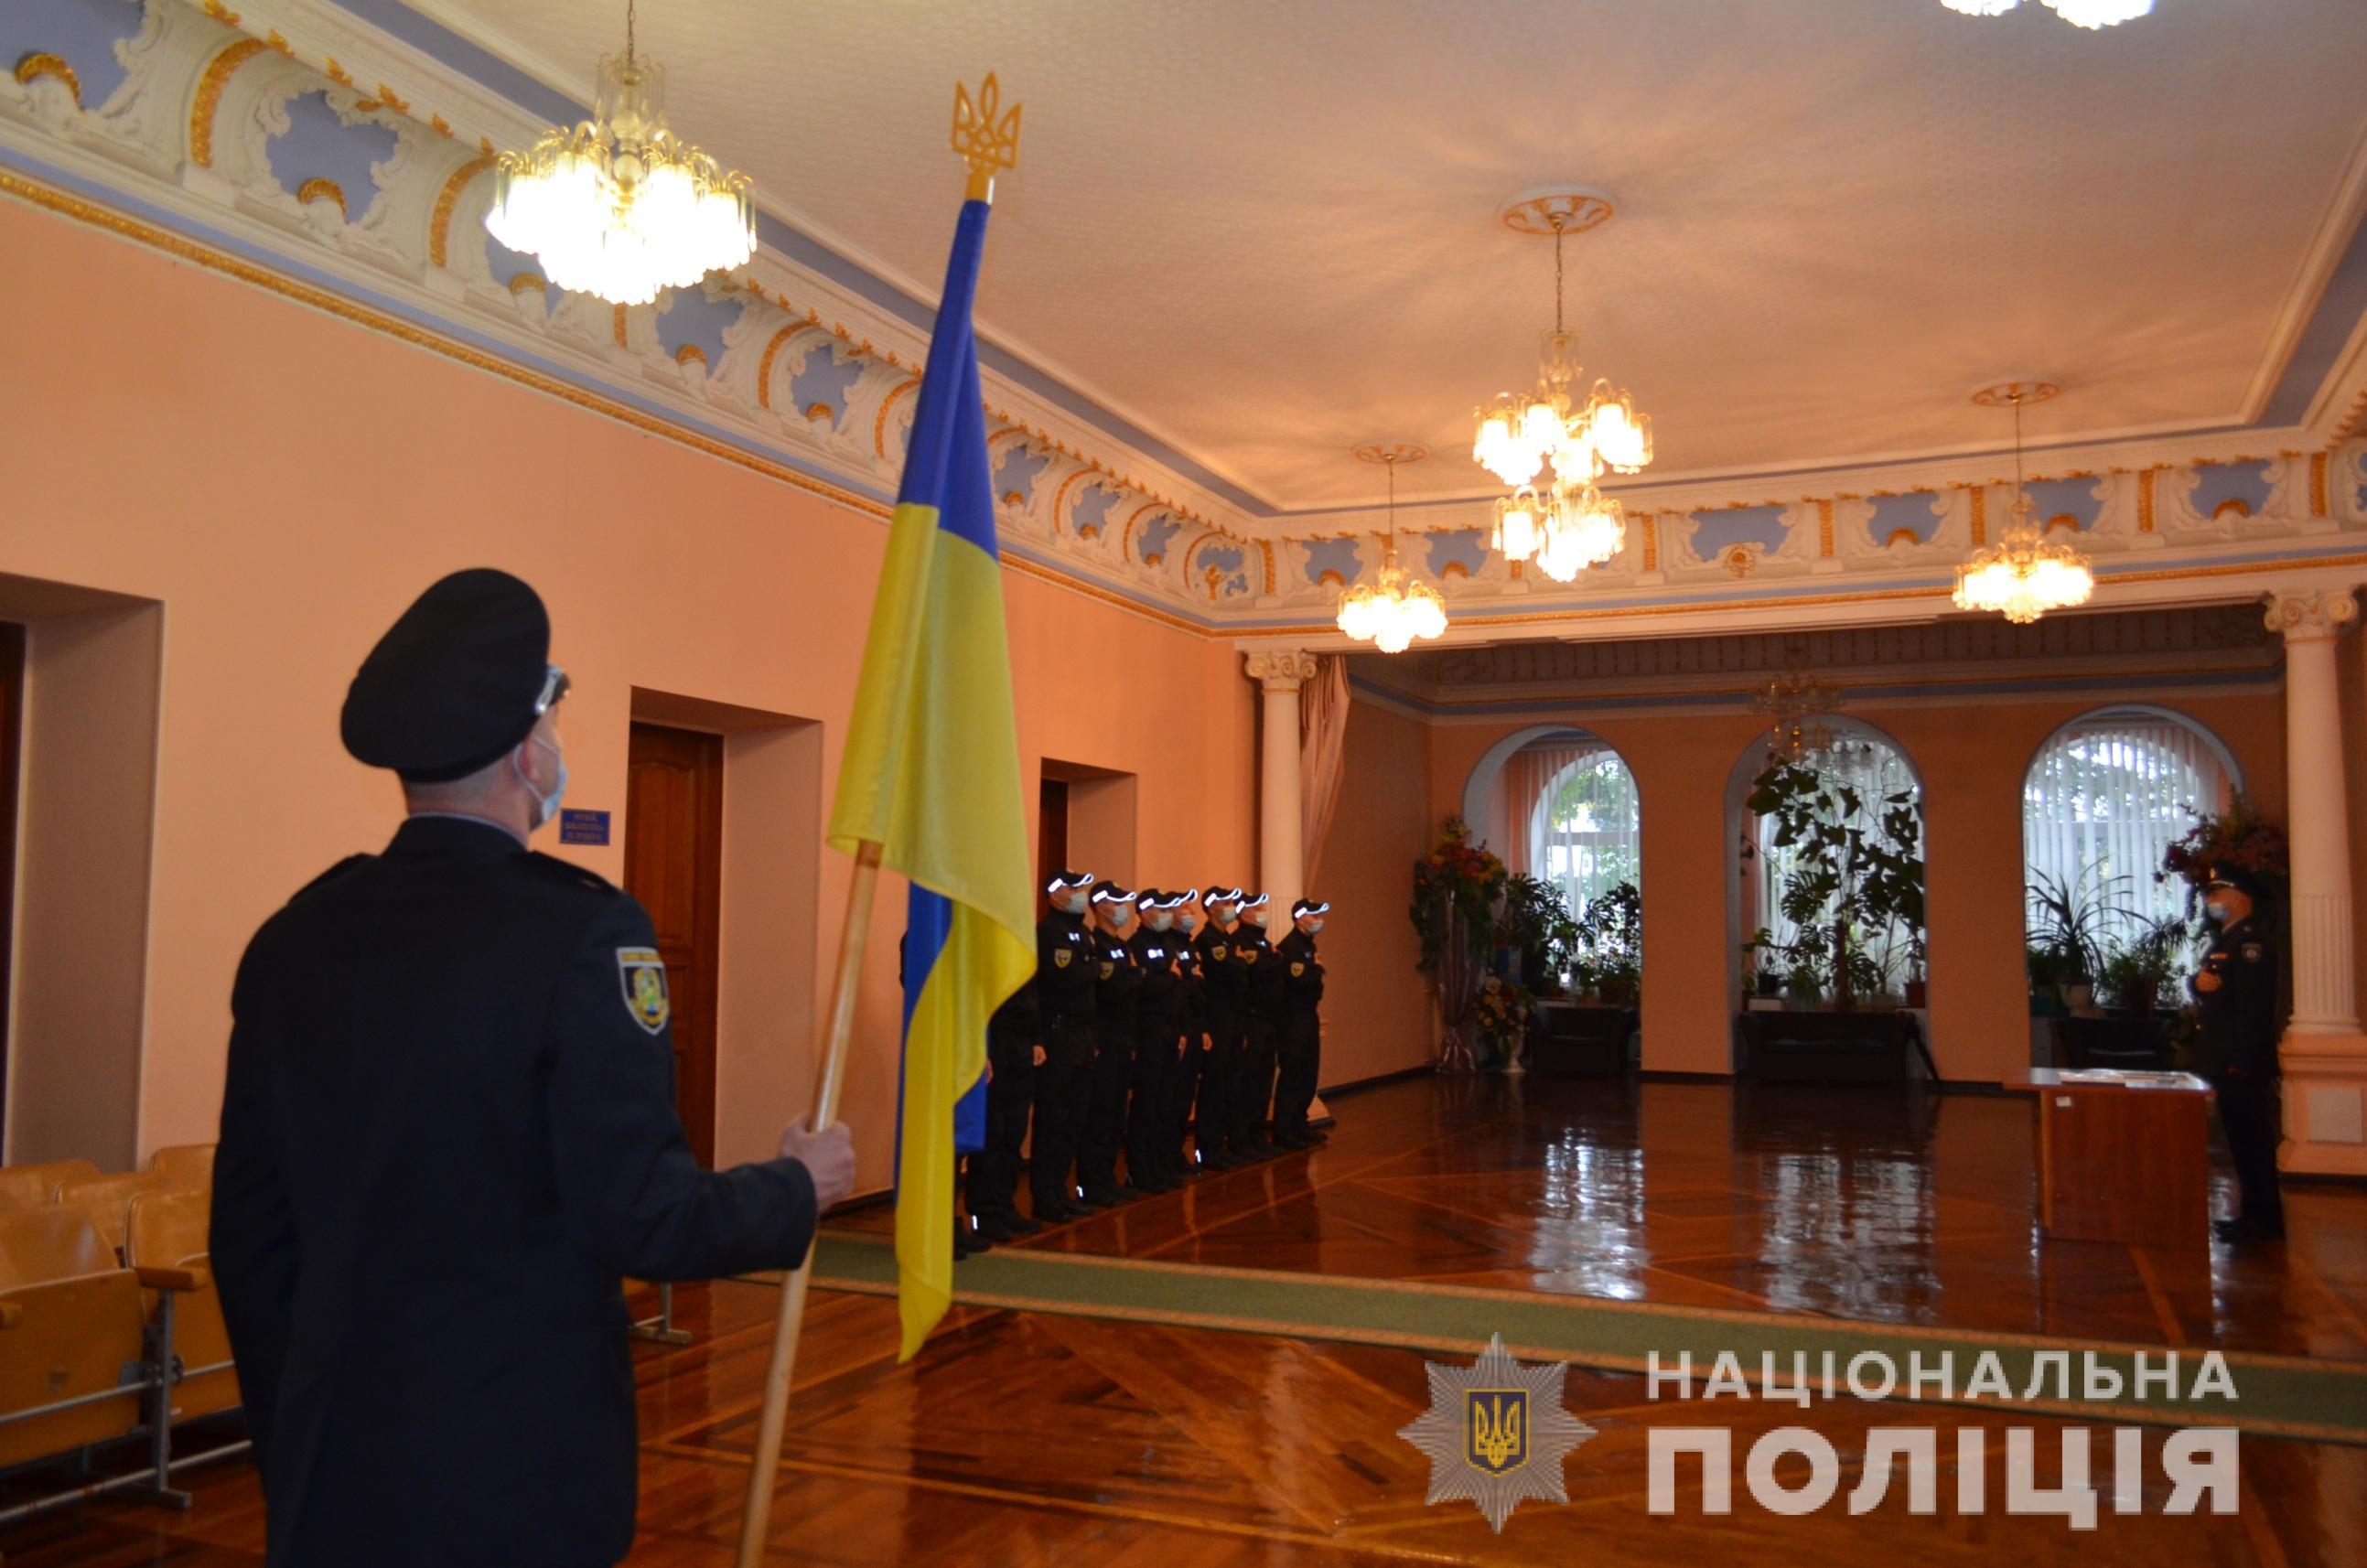 Полицию Харьковщины пополнили новые спецназовцы (фото)